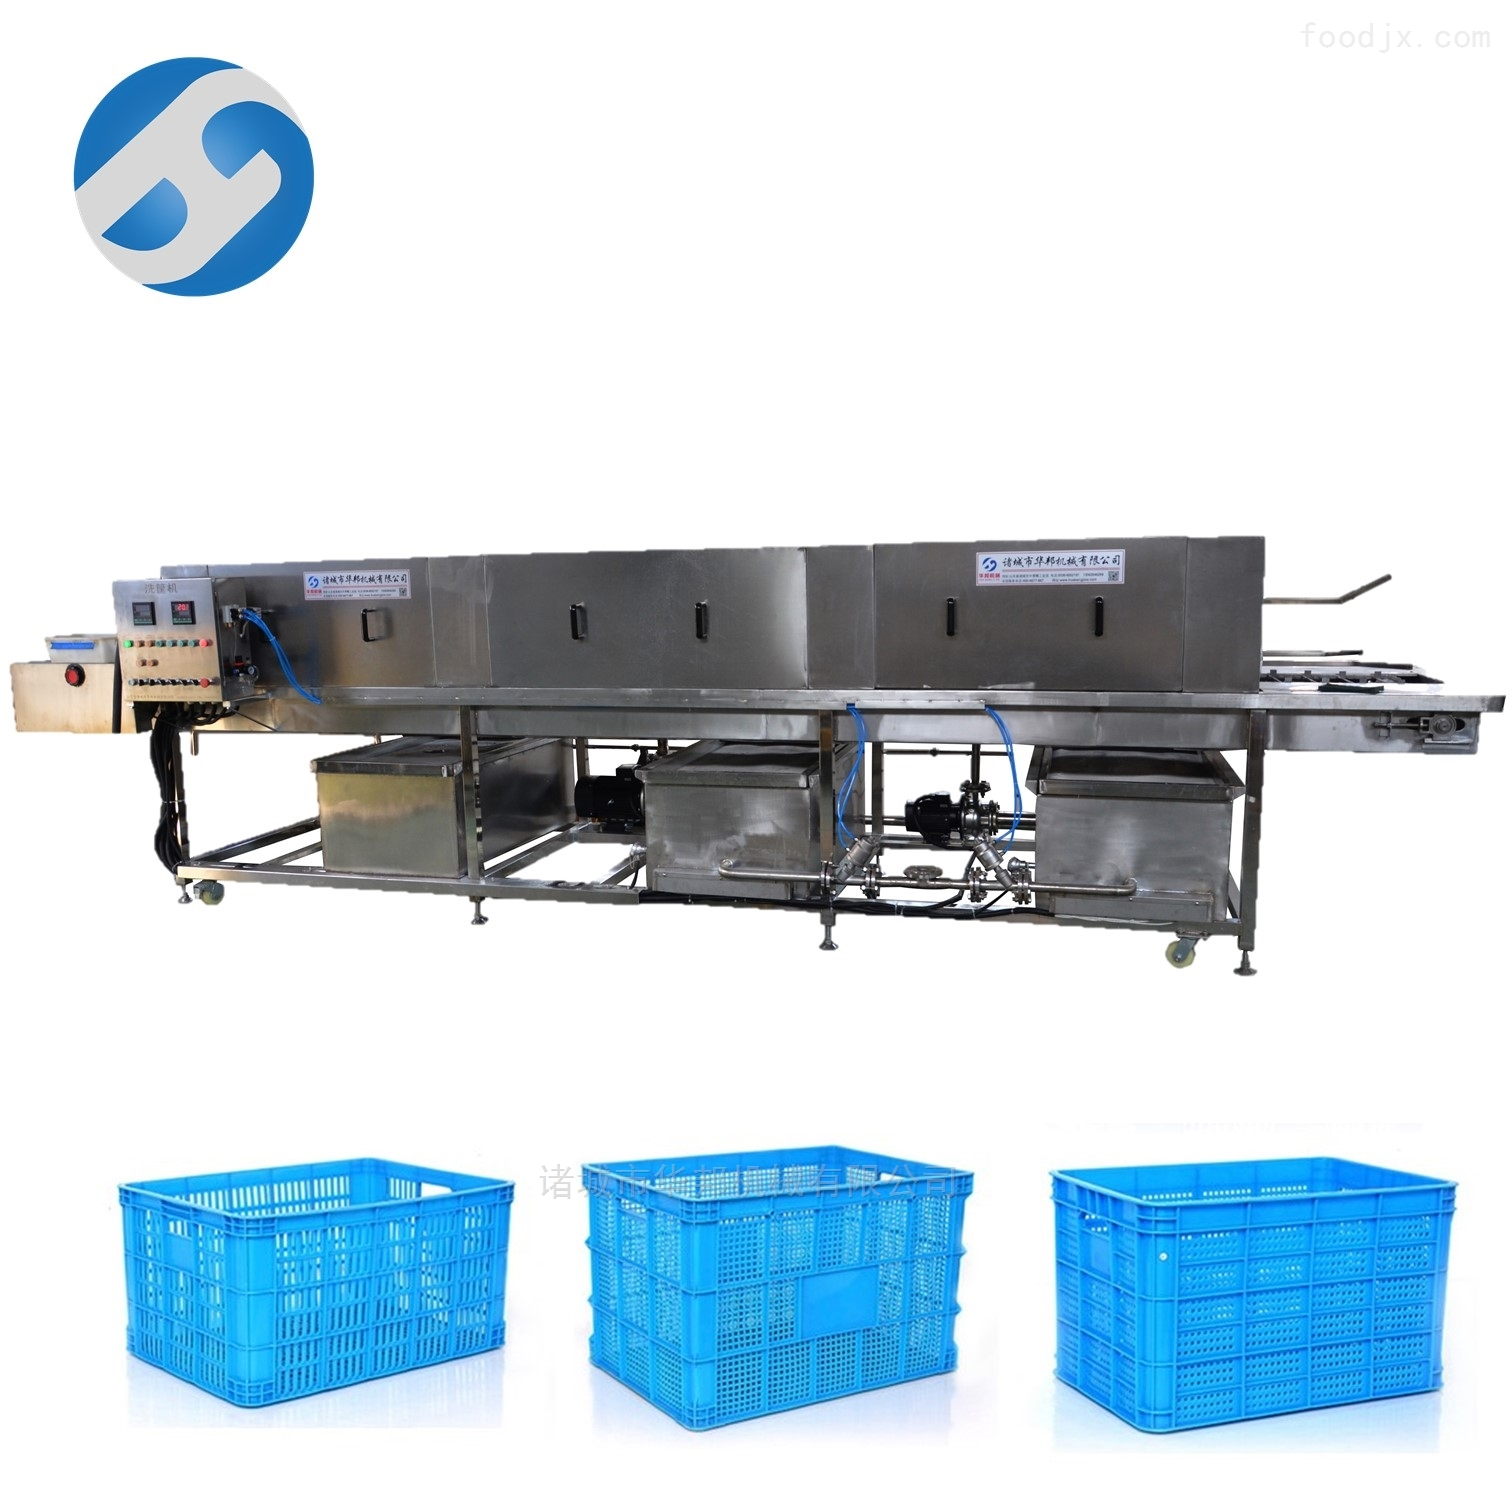 肉食塑料筐清洗设备  供应清洗机厂家